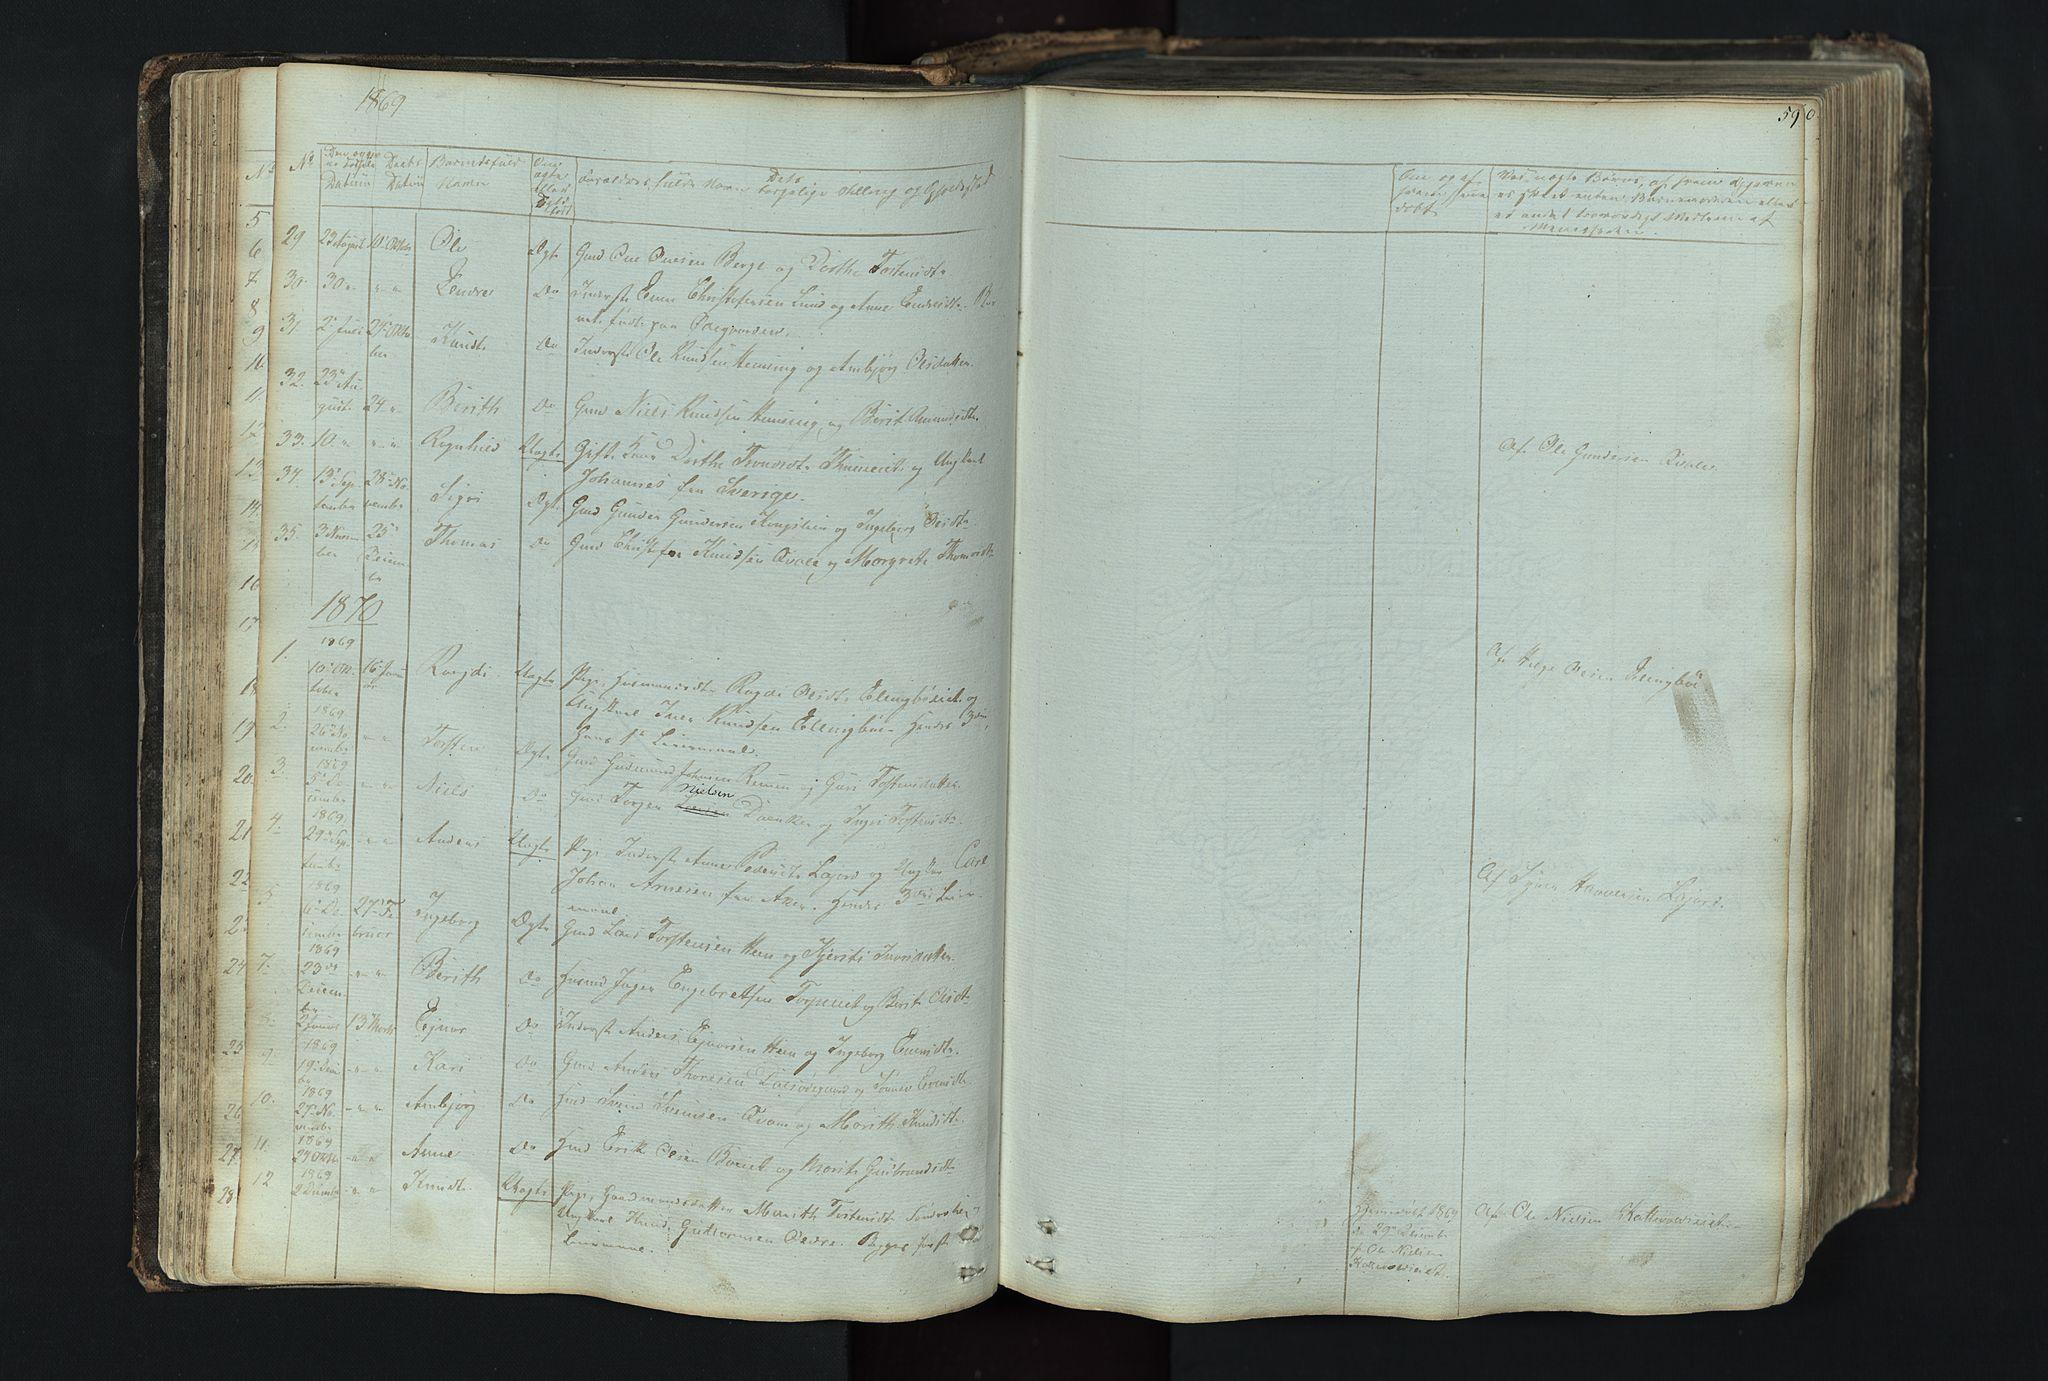 SAH, Vang prestekontor, Valdres, Klokkerbok nr. 4, 1835-1892, s. 59